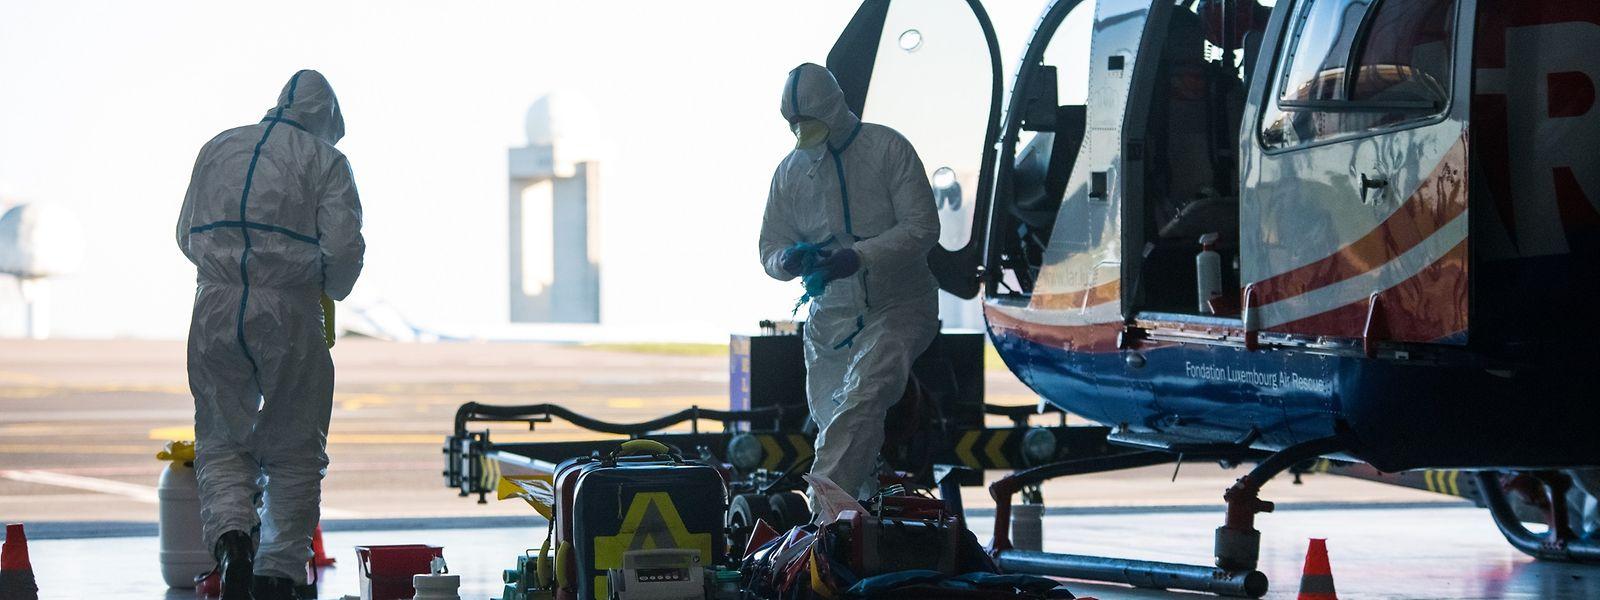 Les transferts des patients français vers les hôpitaux luxembourgeois sont assurés par les équipes de la Luxembourg Air Rescue.